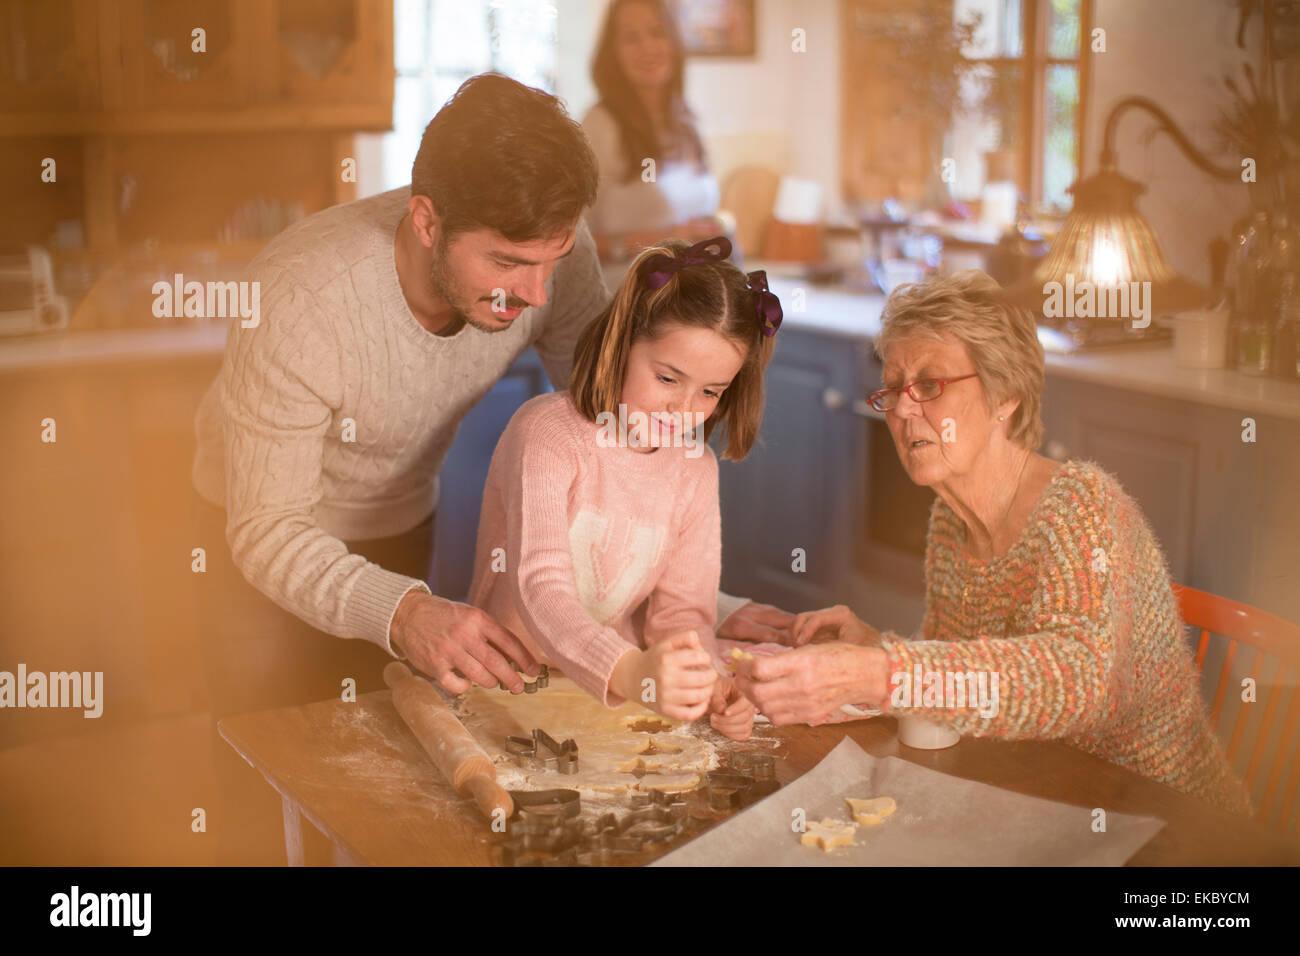 Drei Generationen Familie Schnittformen im Teig, hausgemachte Kekse zu machen Stockbild